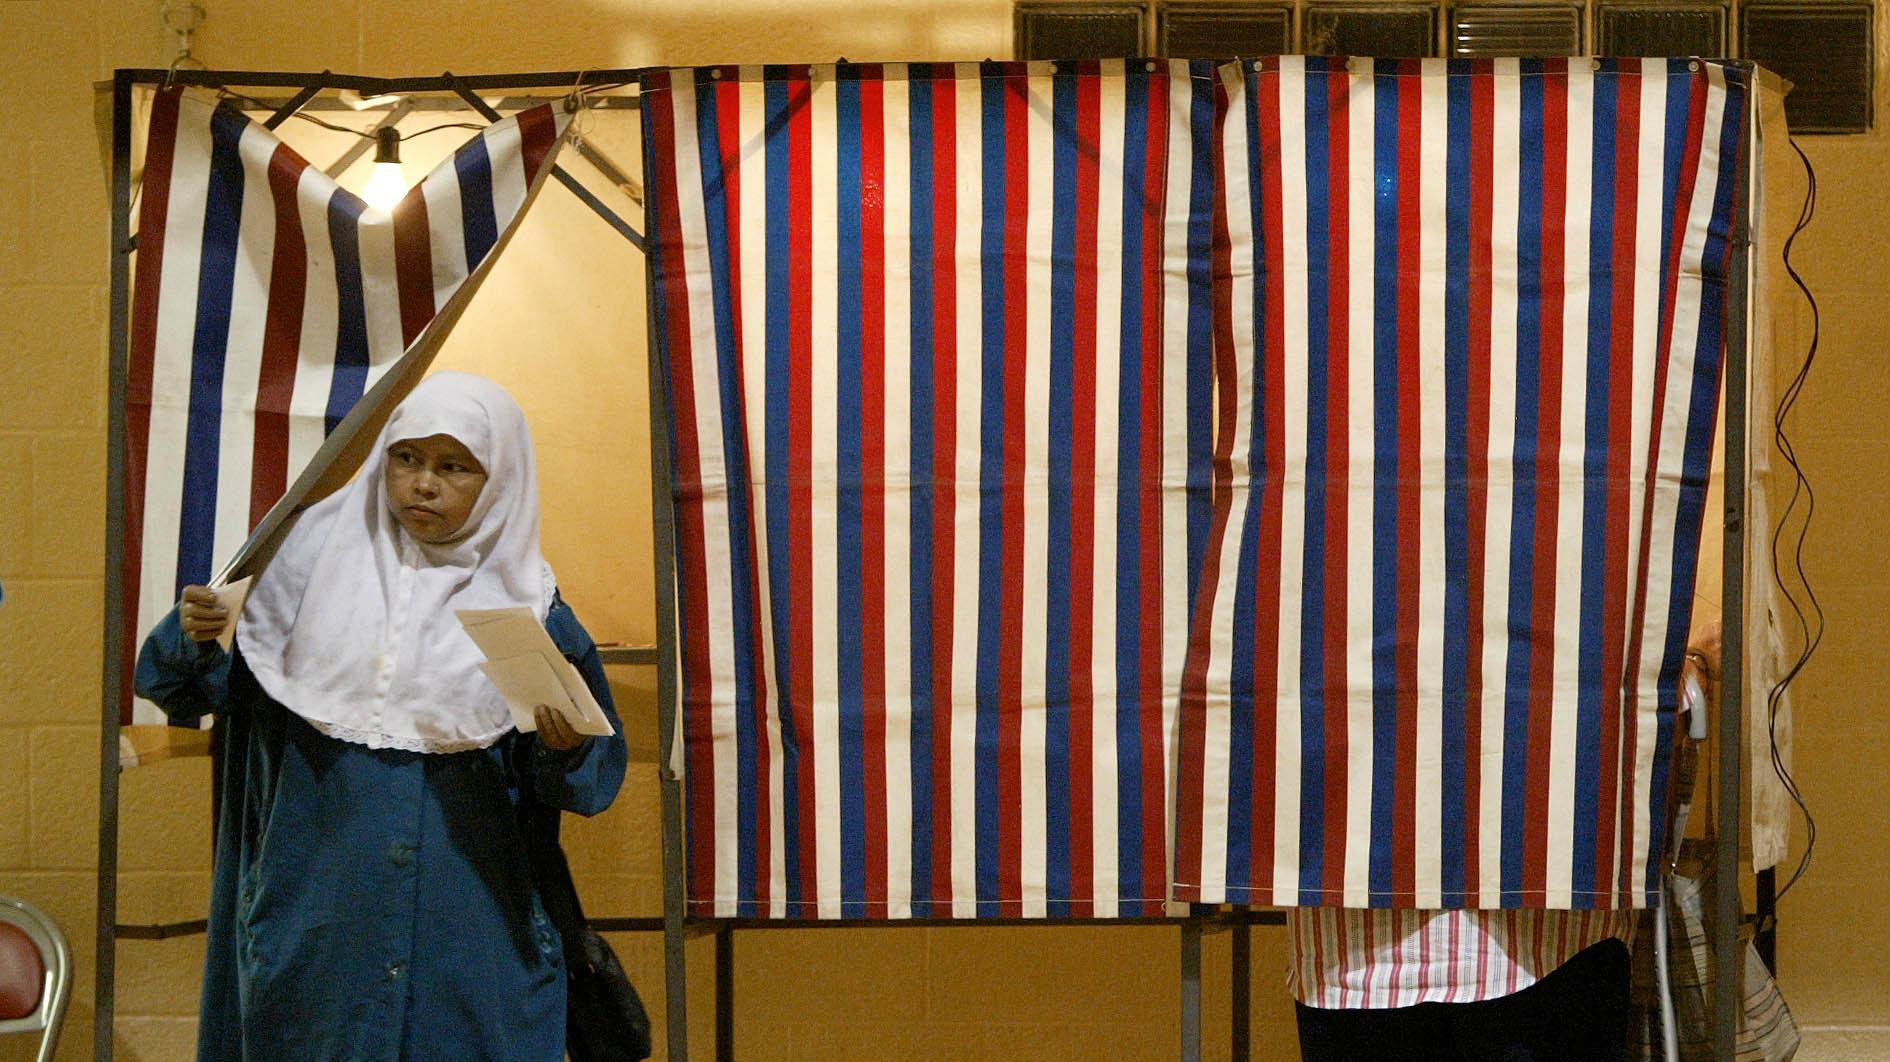 muslim woman leaving voting booth